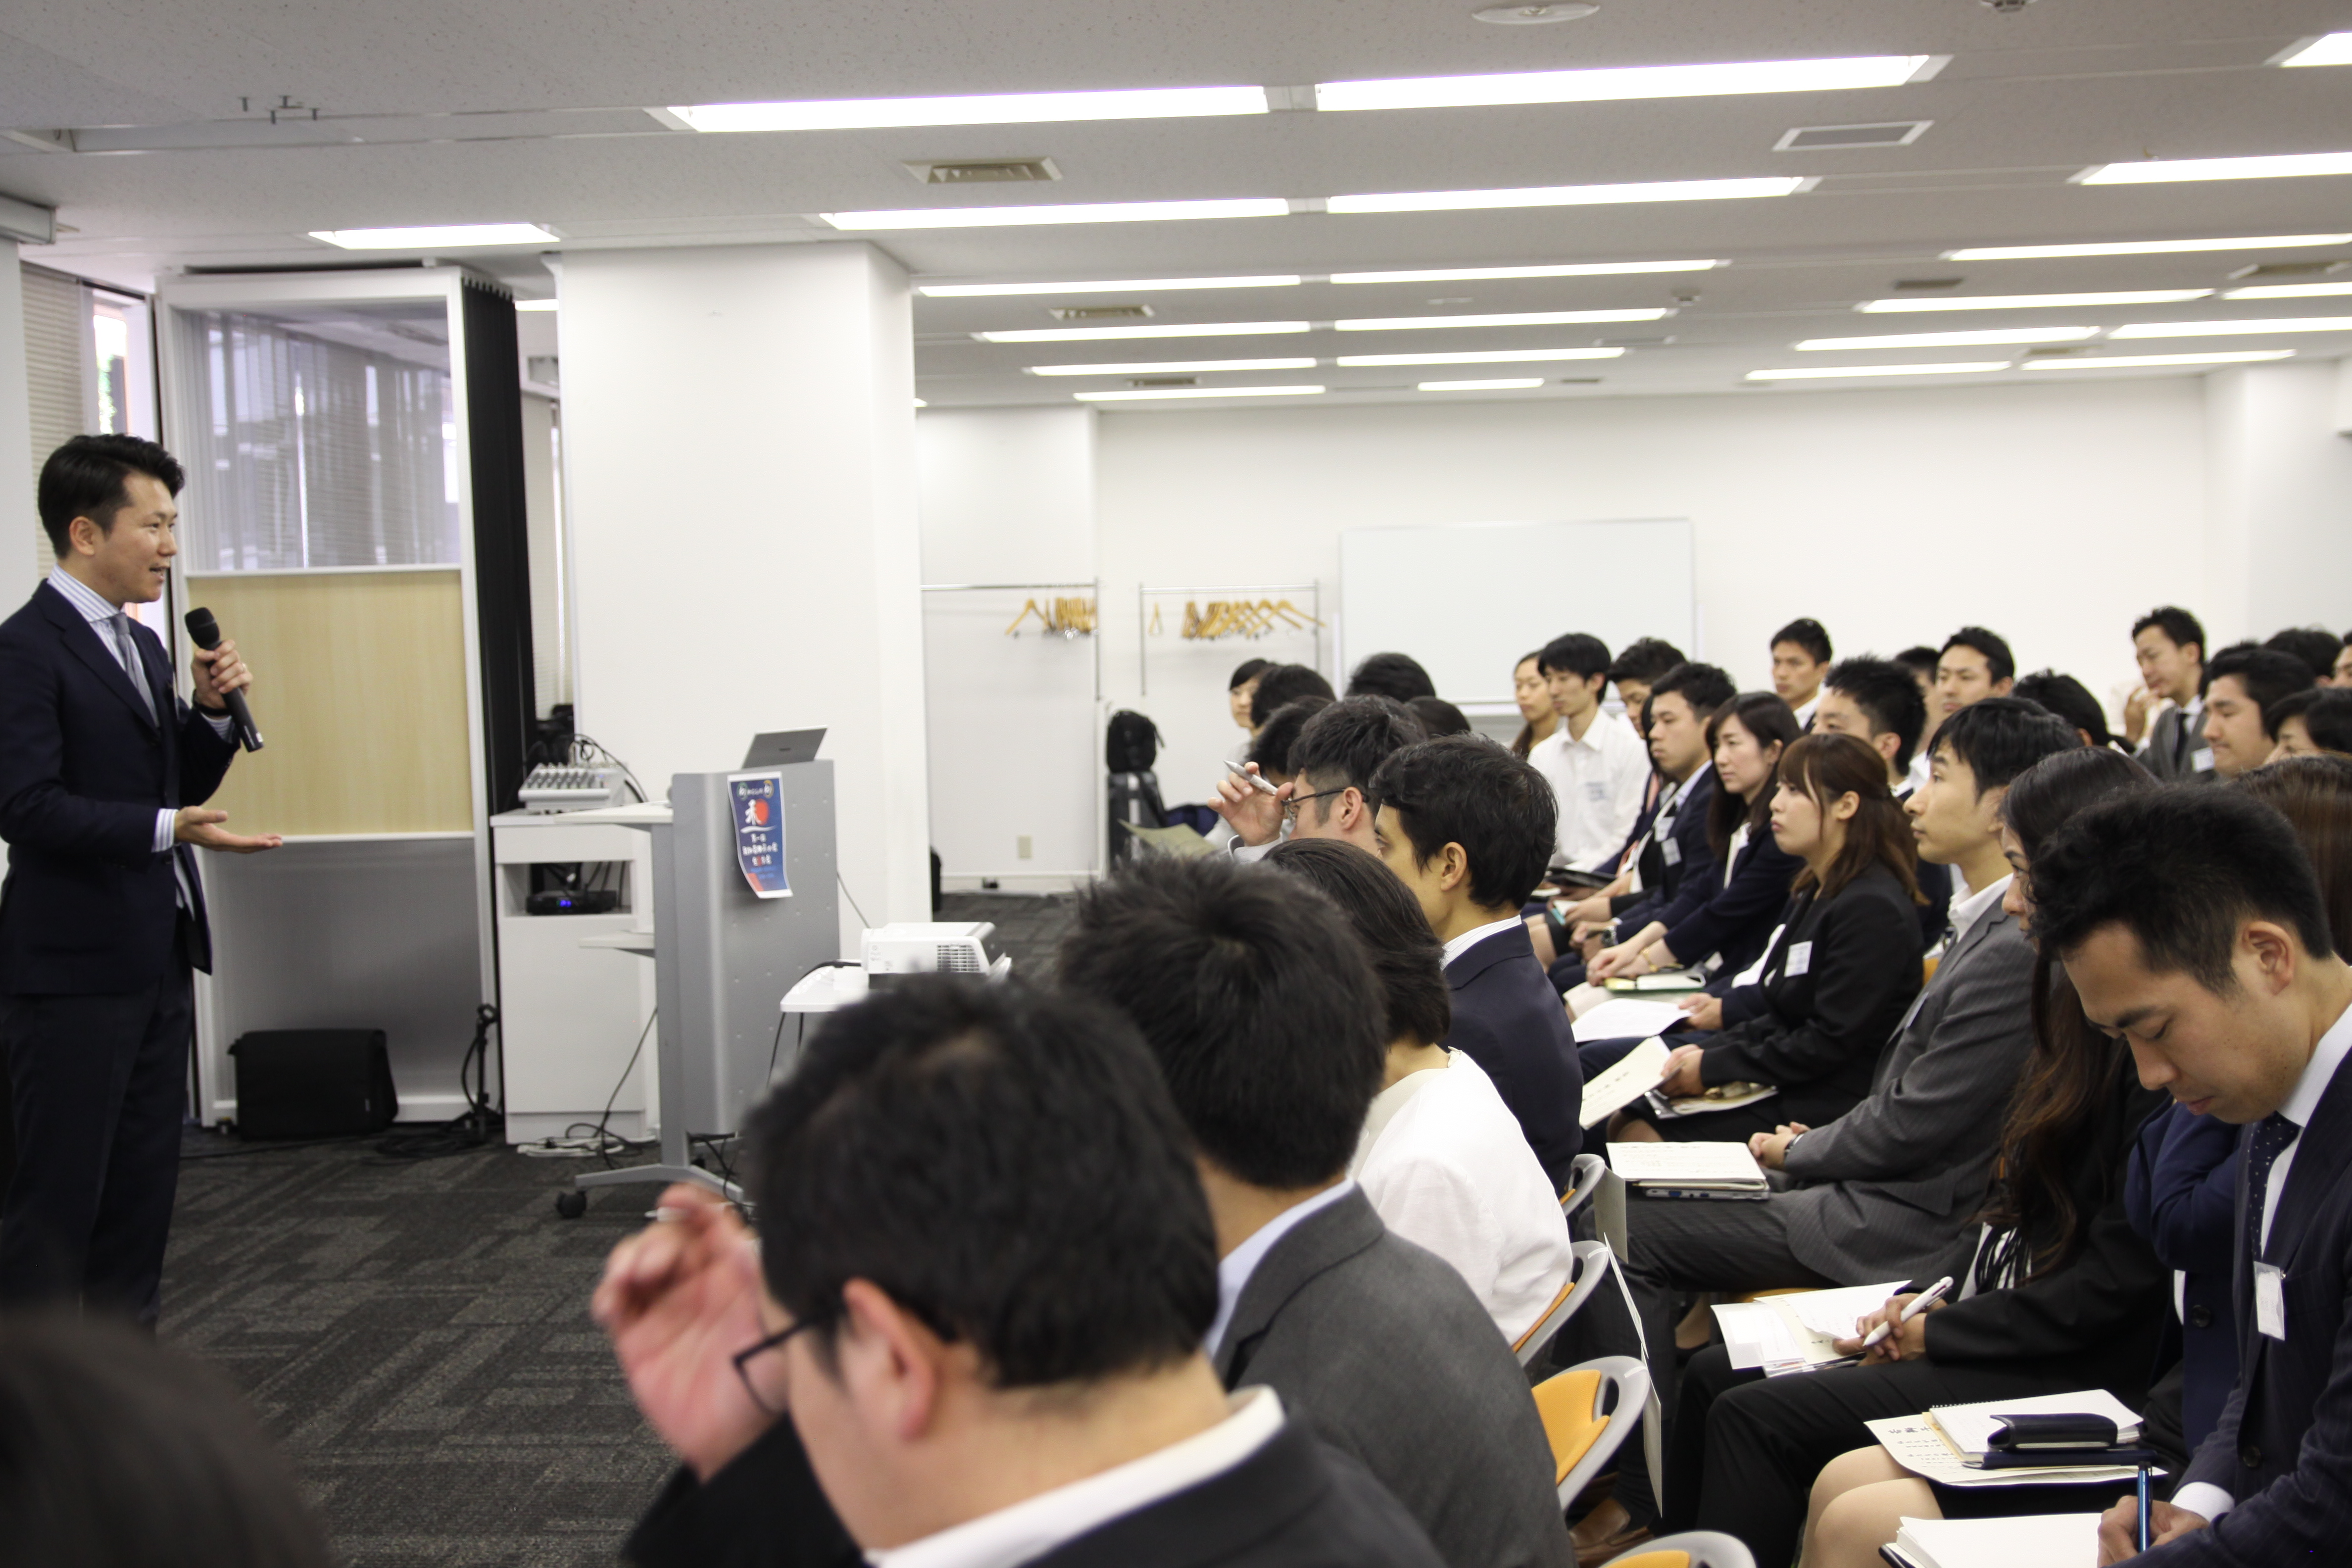 IMG 4601 - 関東若獅子の会、記念すべき第100回